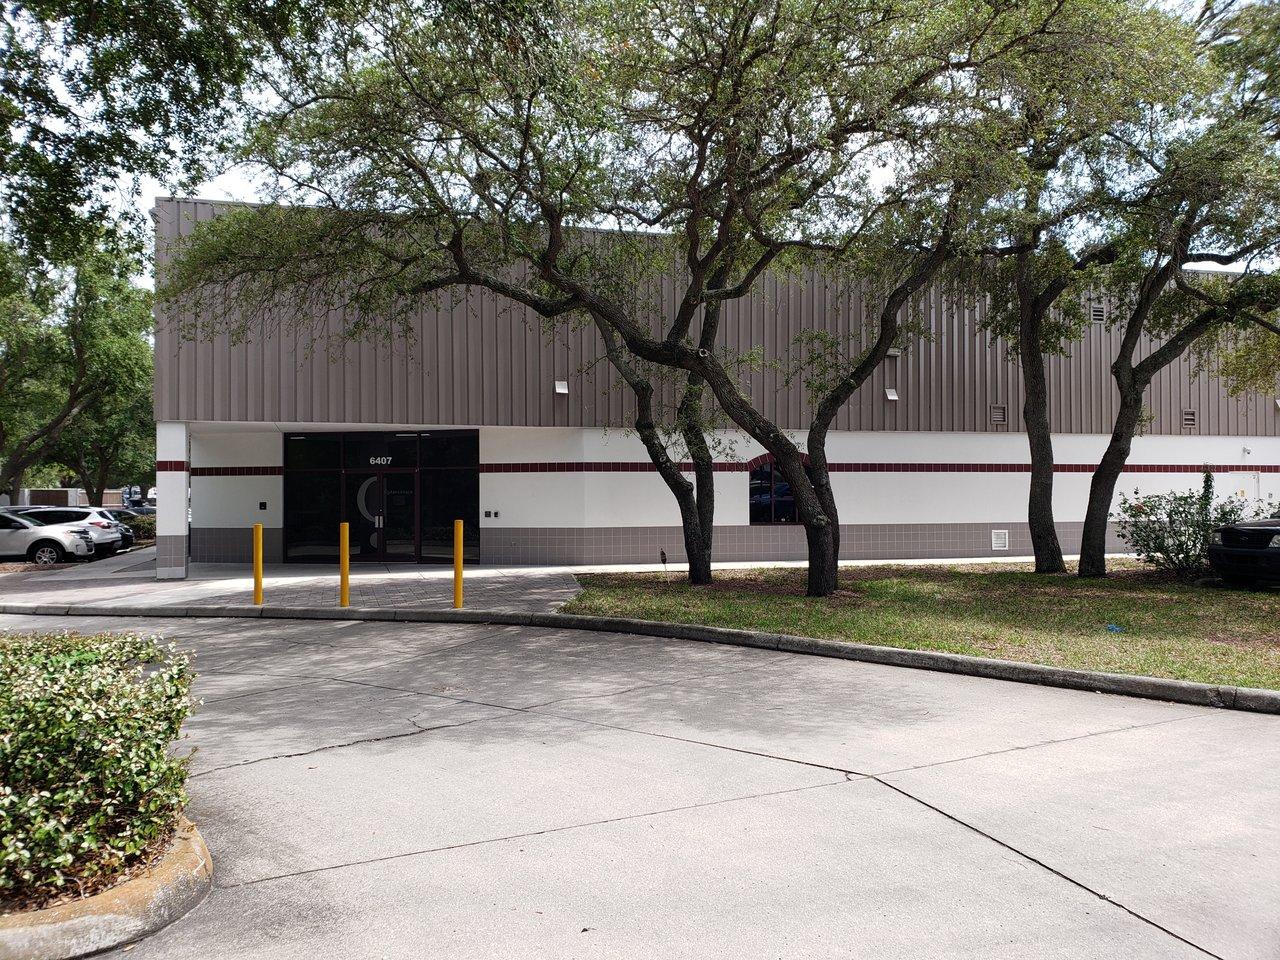 6407 Parkland Dr, Sarasota, FL, 34243